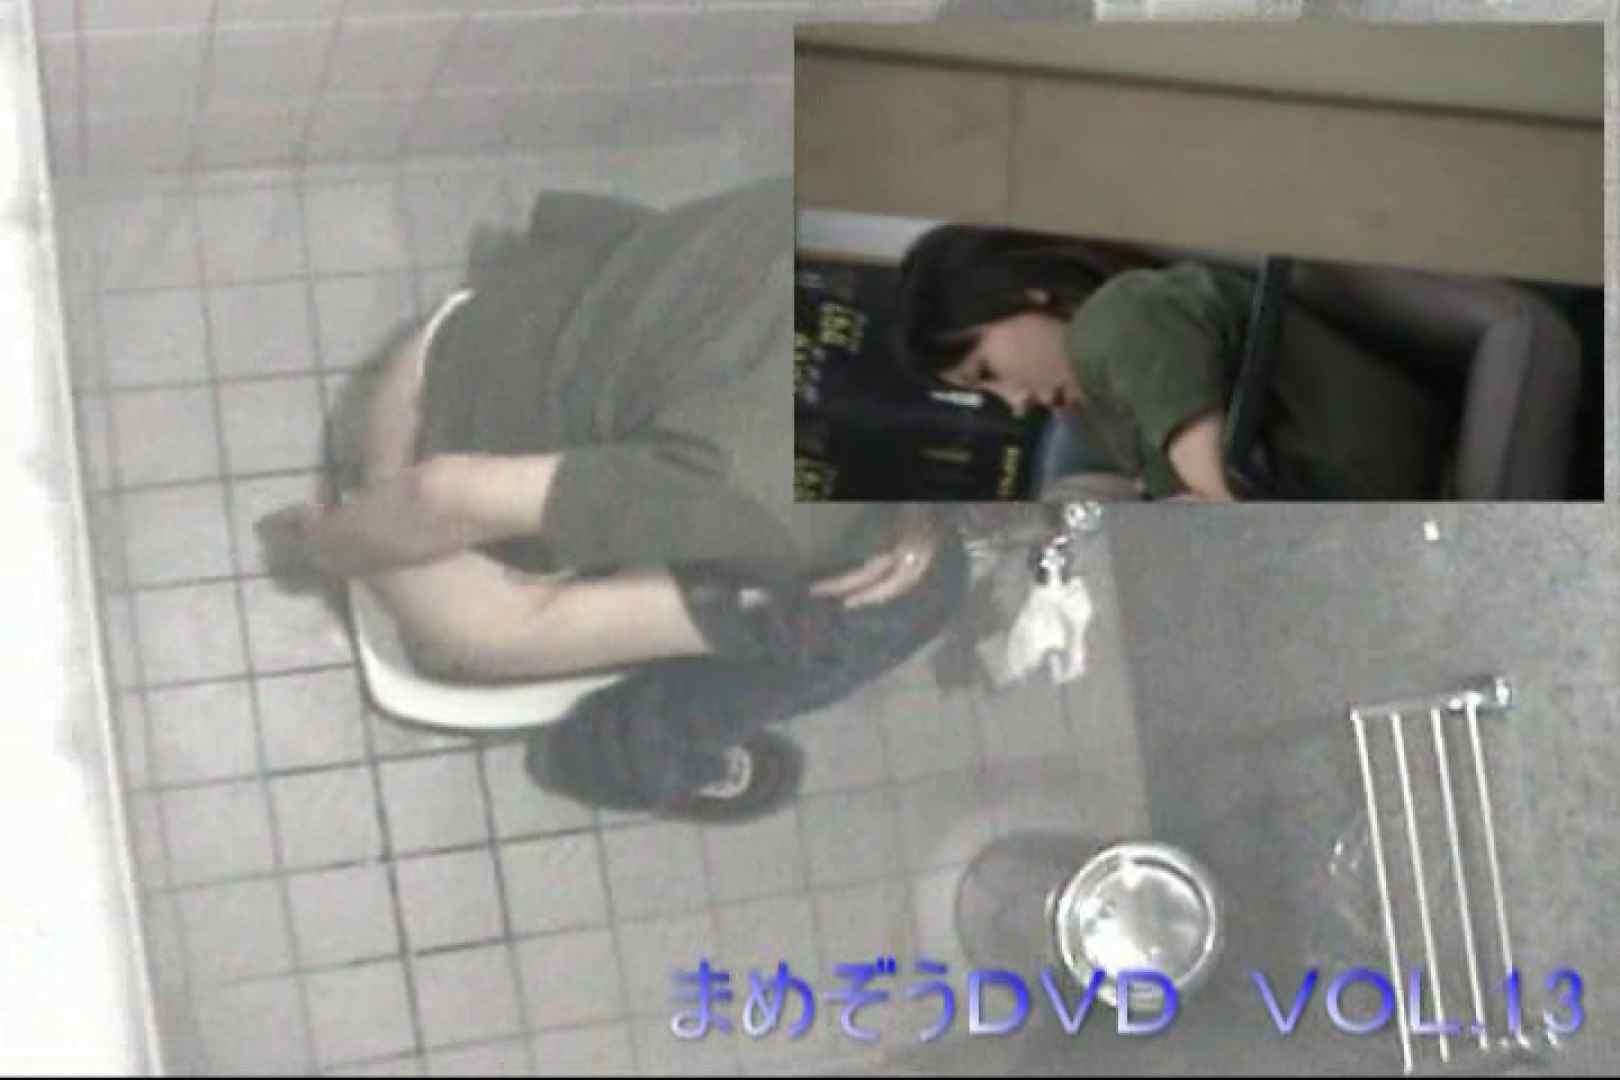 まめぞうDVD完全版VOL.13 ギャルの実態  32pic 6